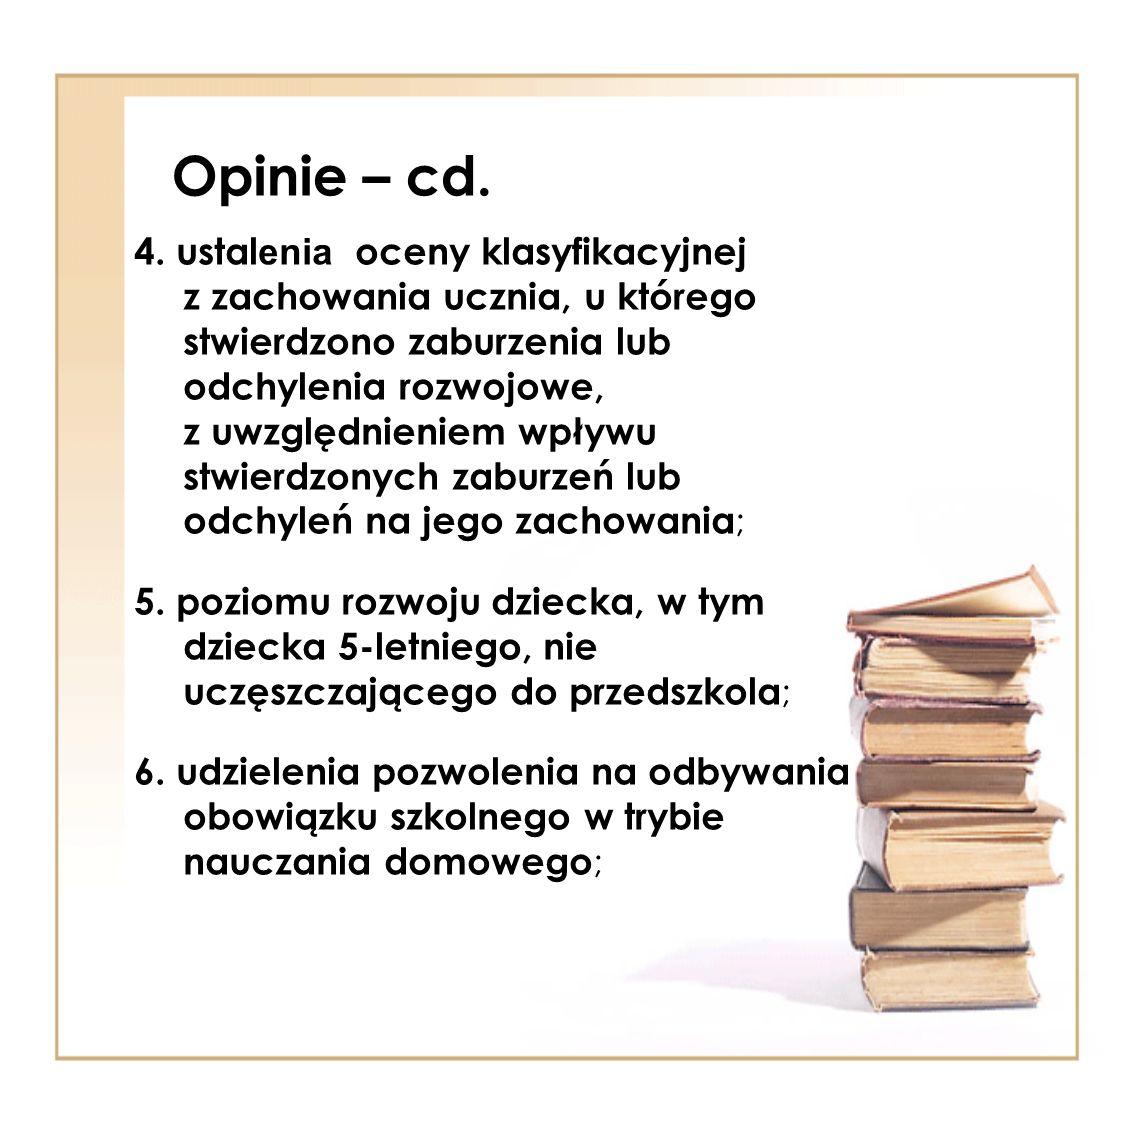 Opinie – cd.